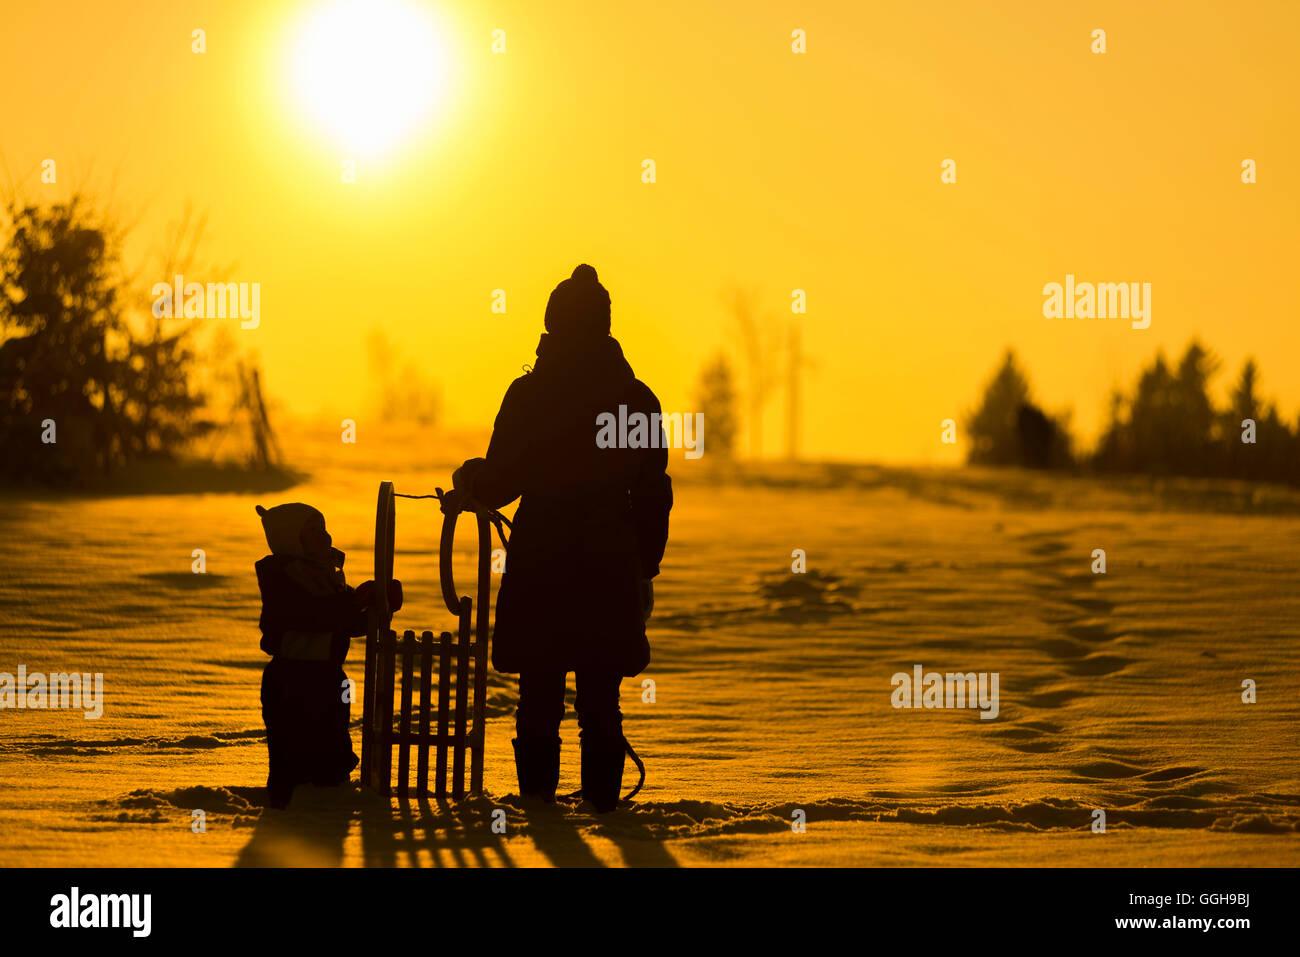 Mutter stand mit einem kleinen Kind und Schlitten im Schnee und Blick auf die Winter Sonne, Hintergrundbeleuchtung, Stockbild